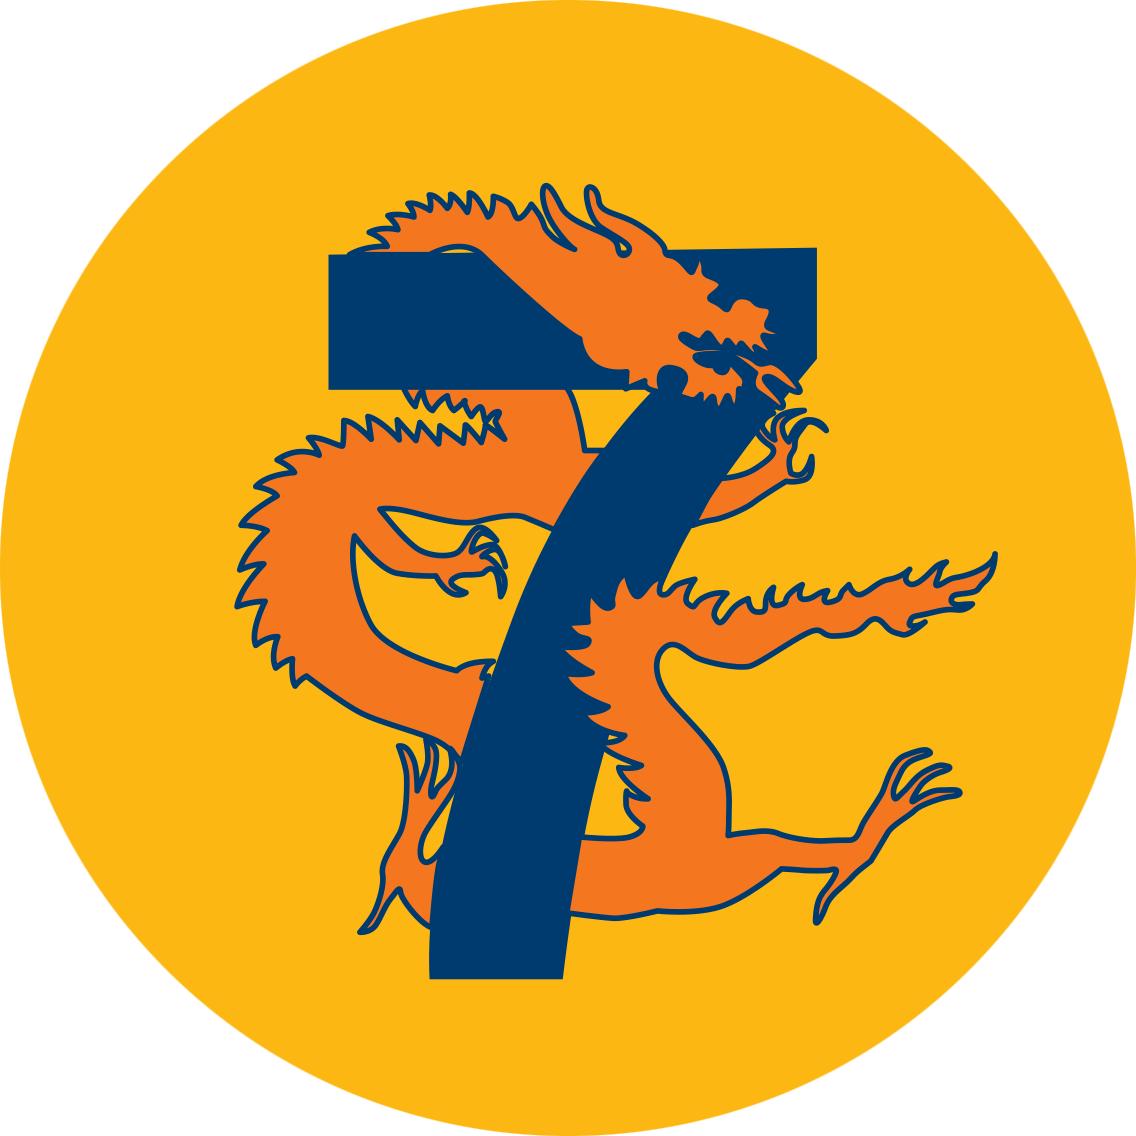 Un dragon enroulé autour d'un 7.